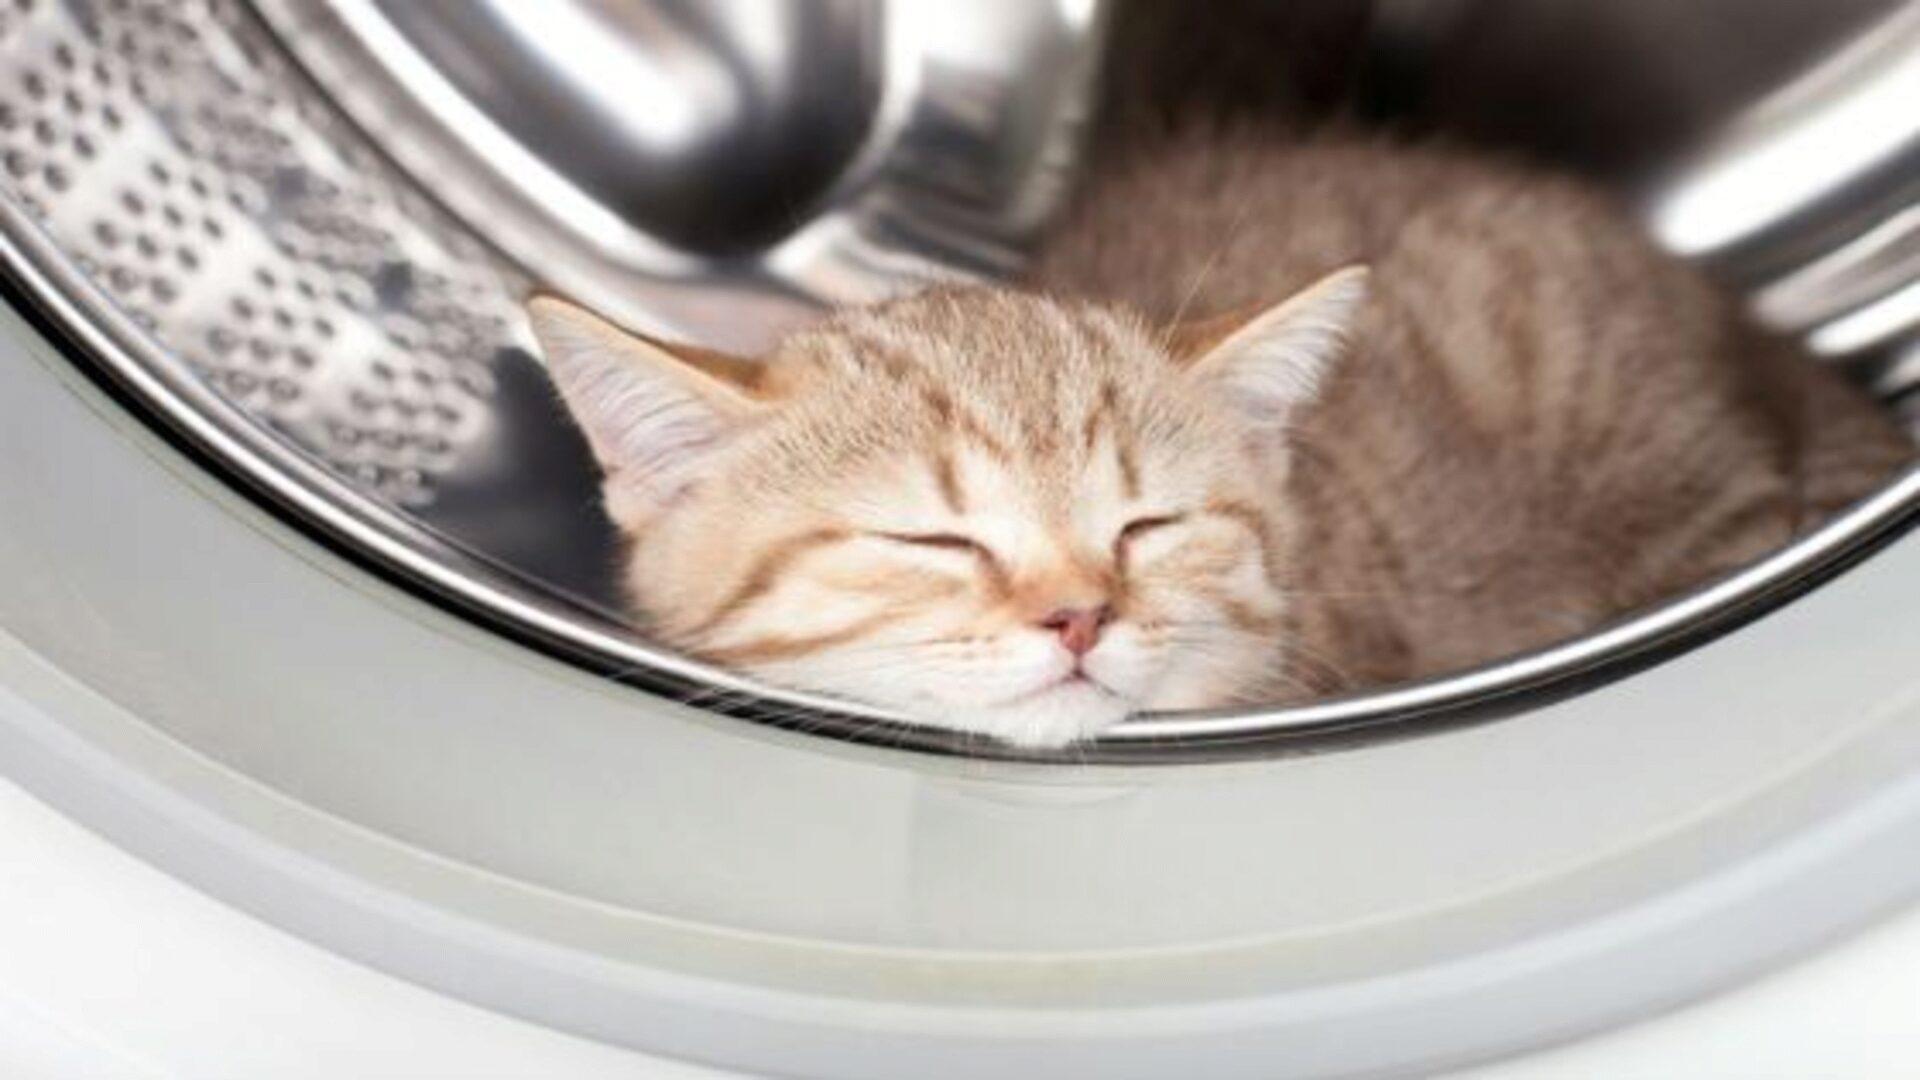 Объем стиральной машины выбирают в зависимости от размера семьи